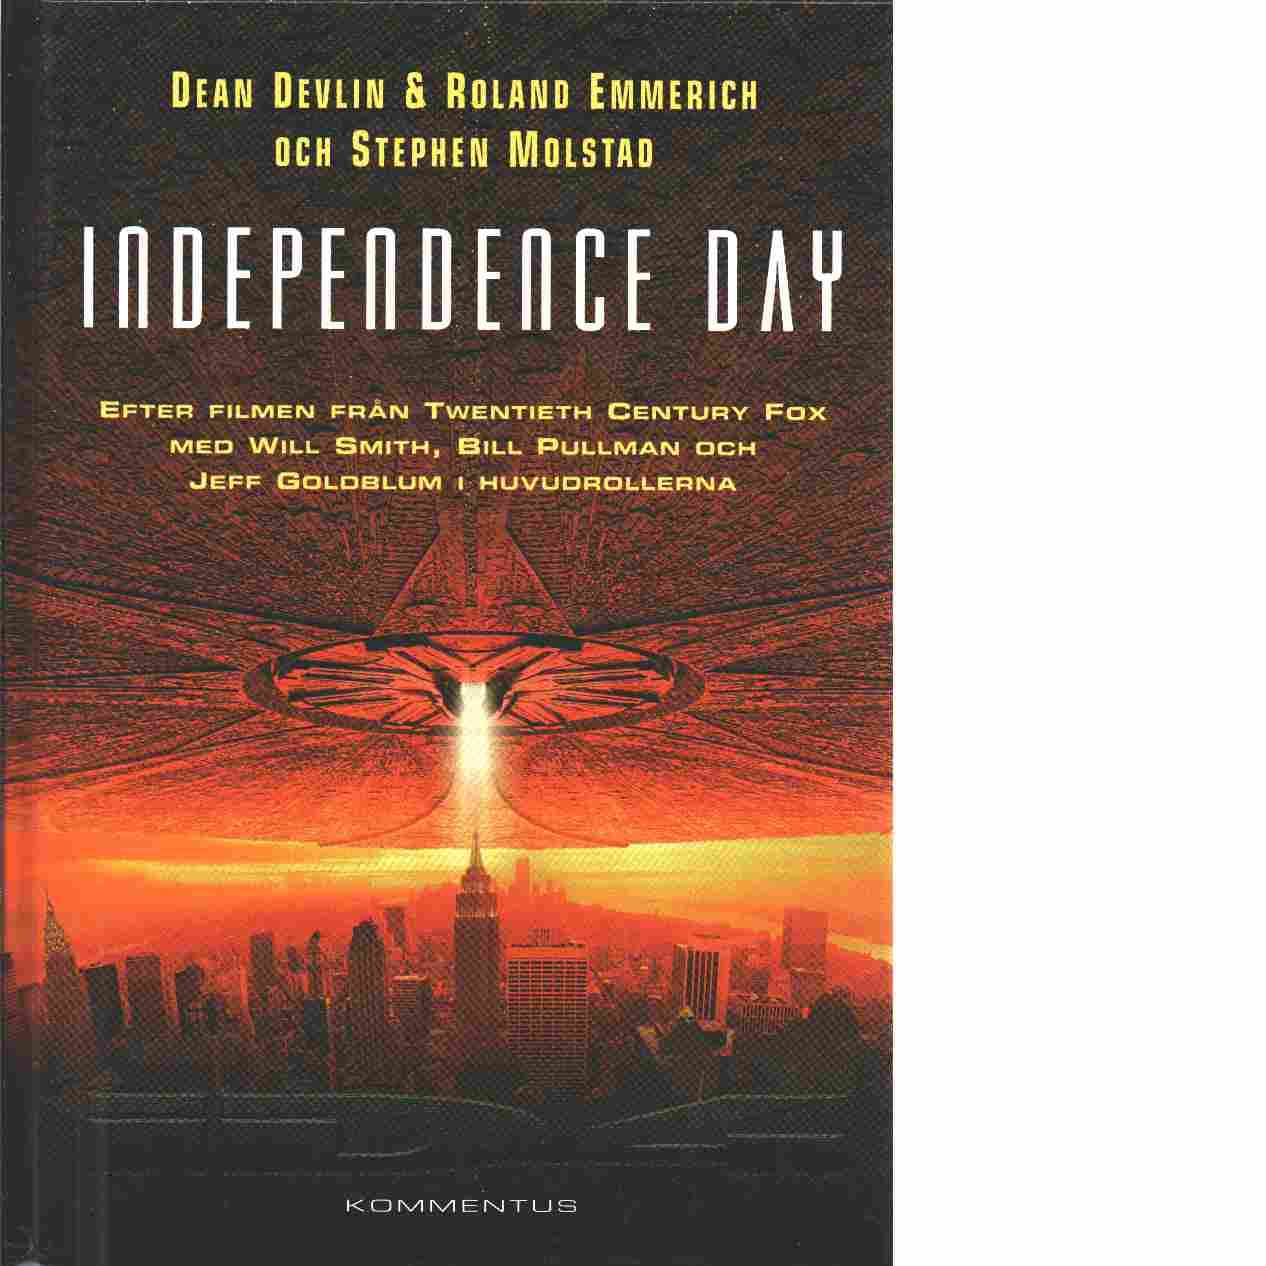 Independence Day - Devlin, Dean  och Emmerich, Roland samt Molstad, Stephen